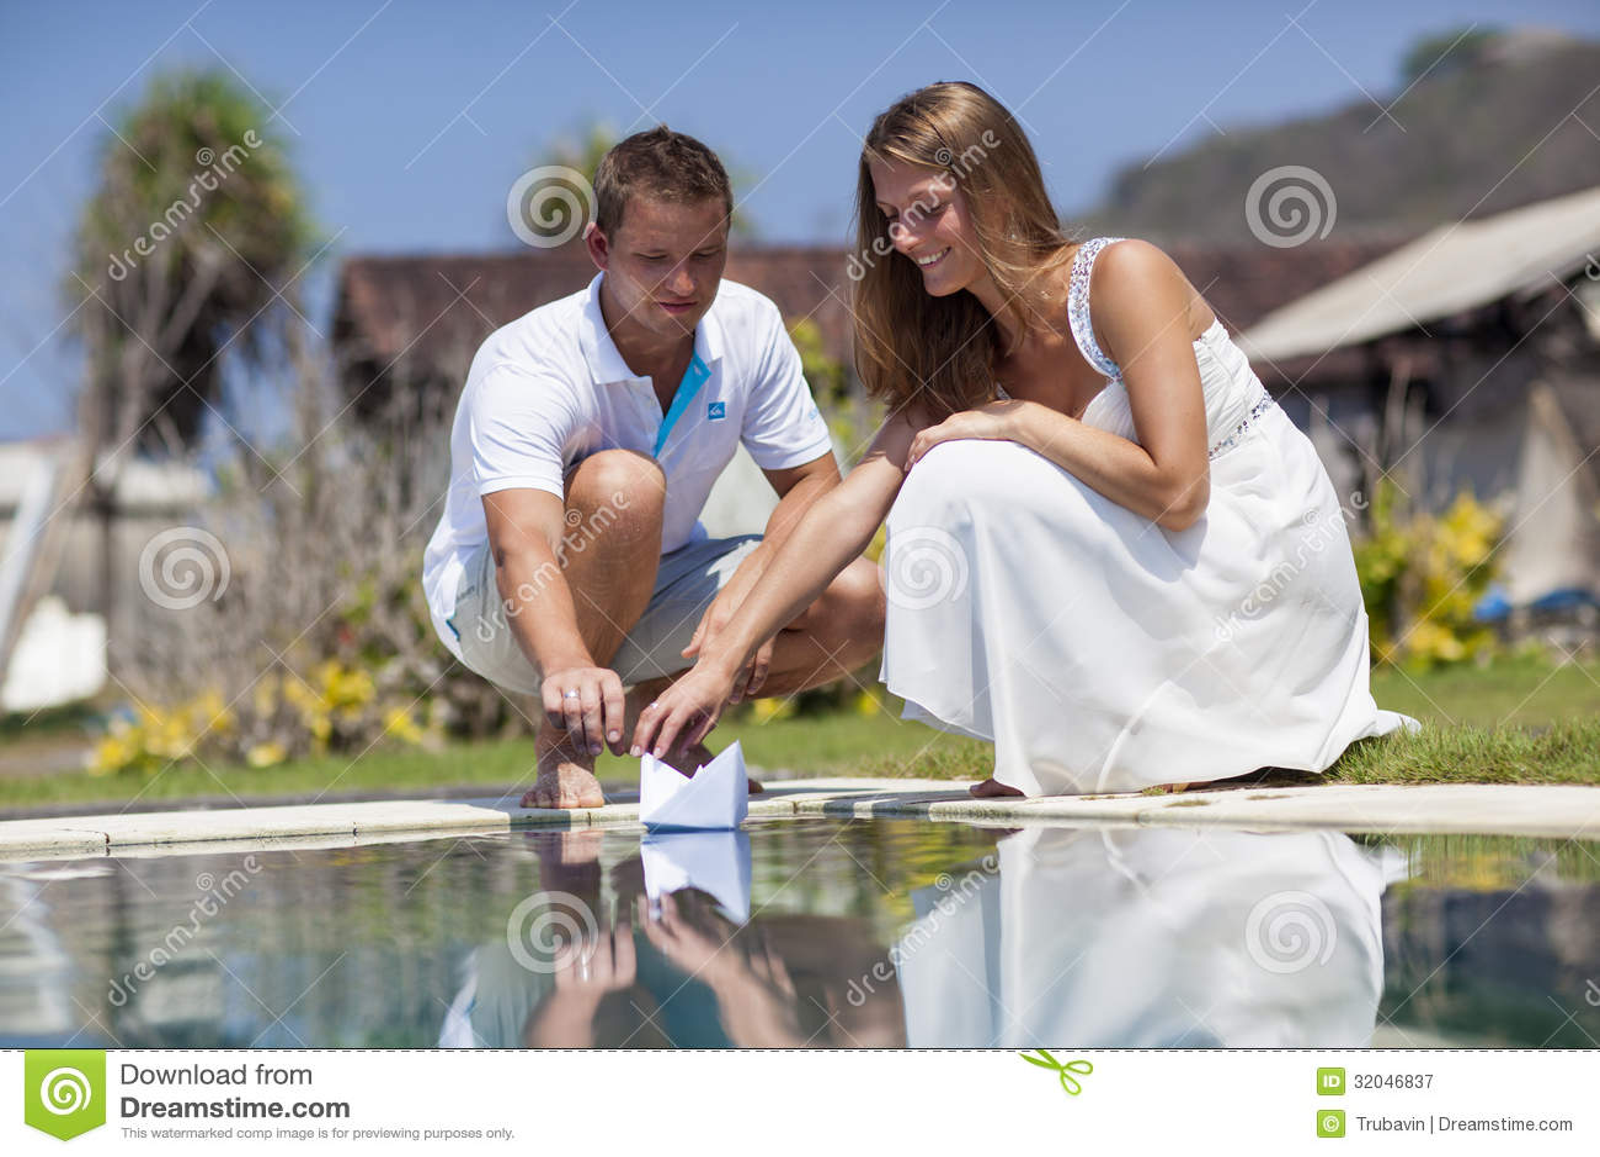 Junges Paar Am Pool